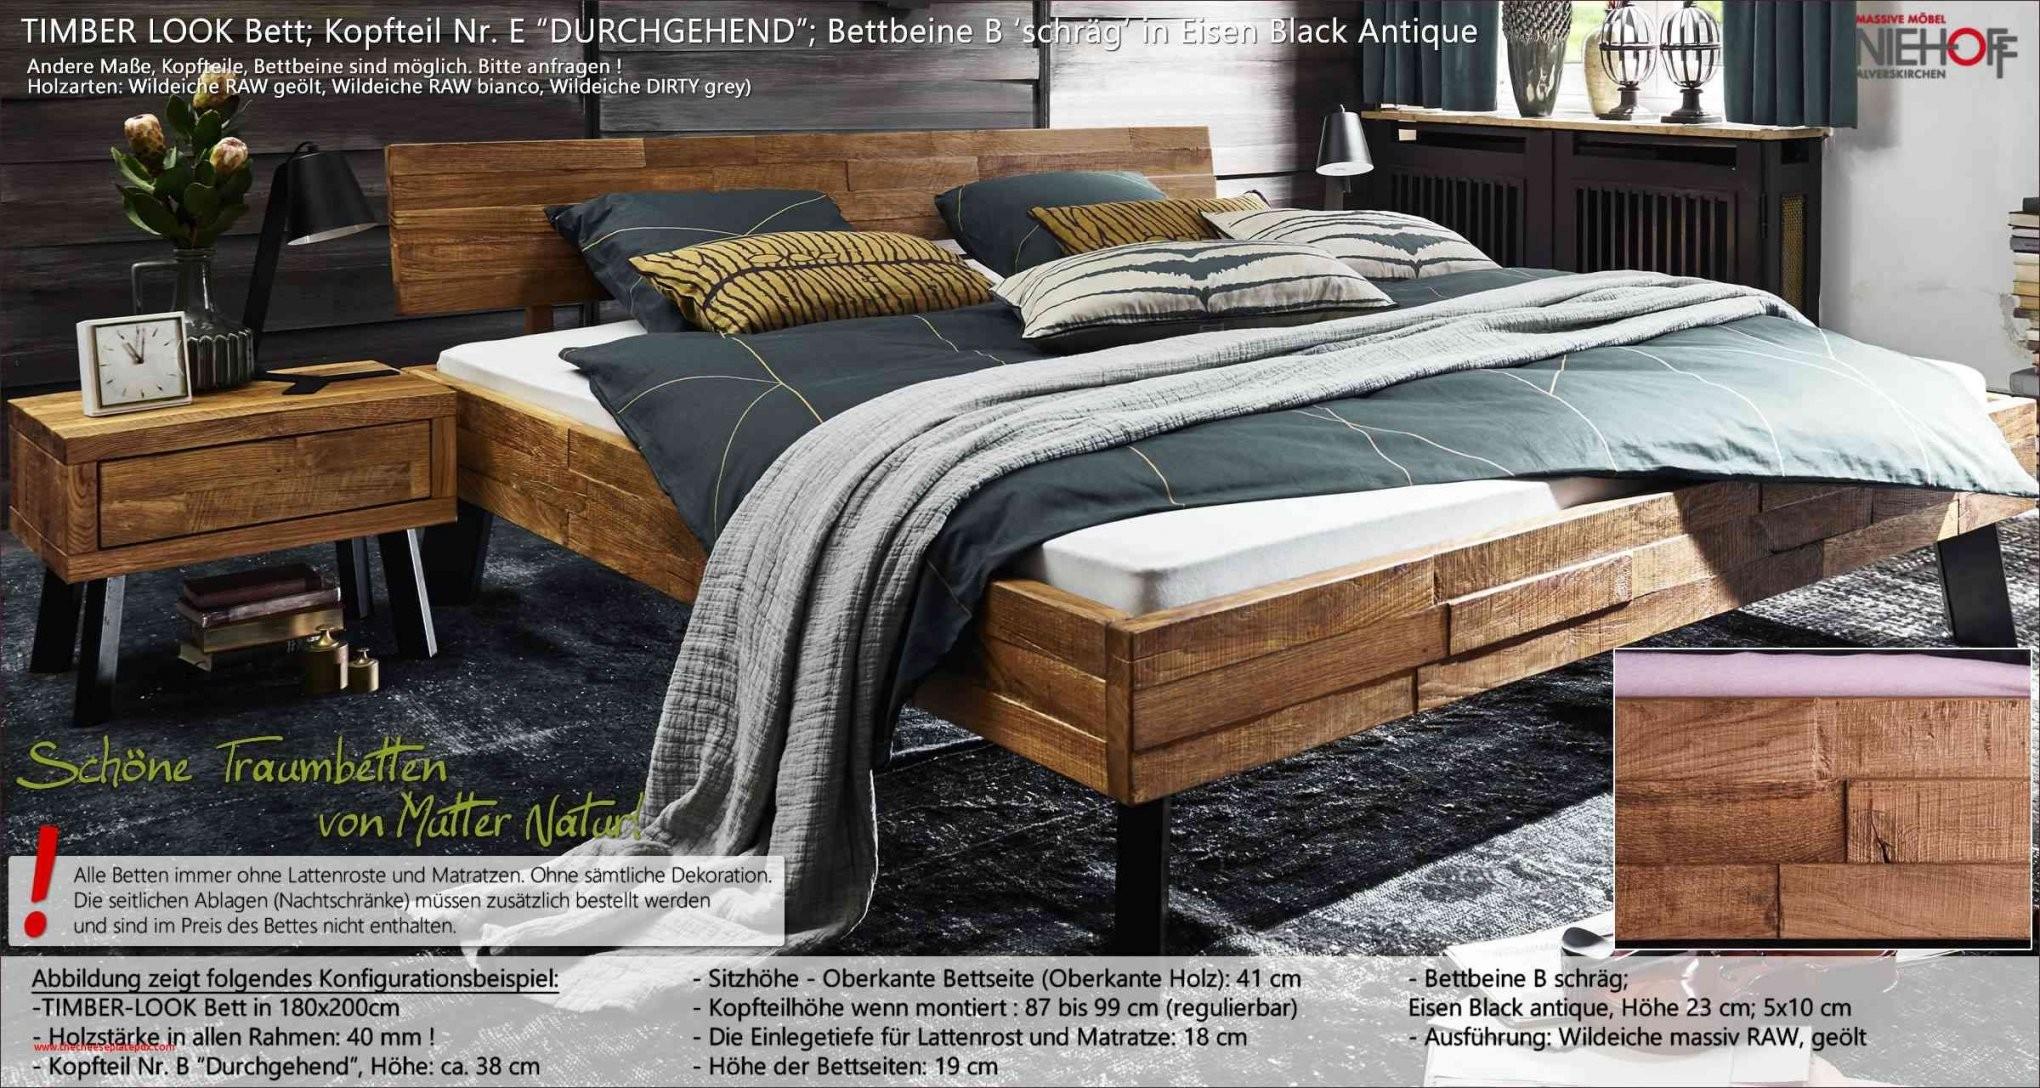 Boxspring Matratze Für Normales Bett – Couragecommunity von Boxspring Matratze Für Normales Bett Photo